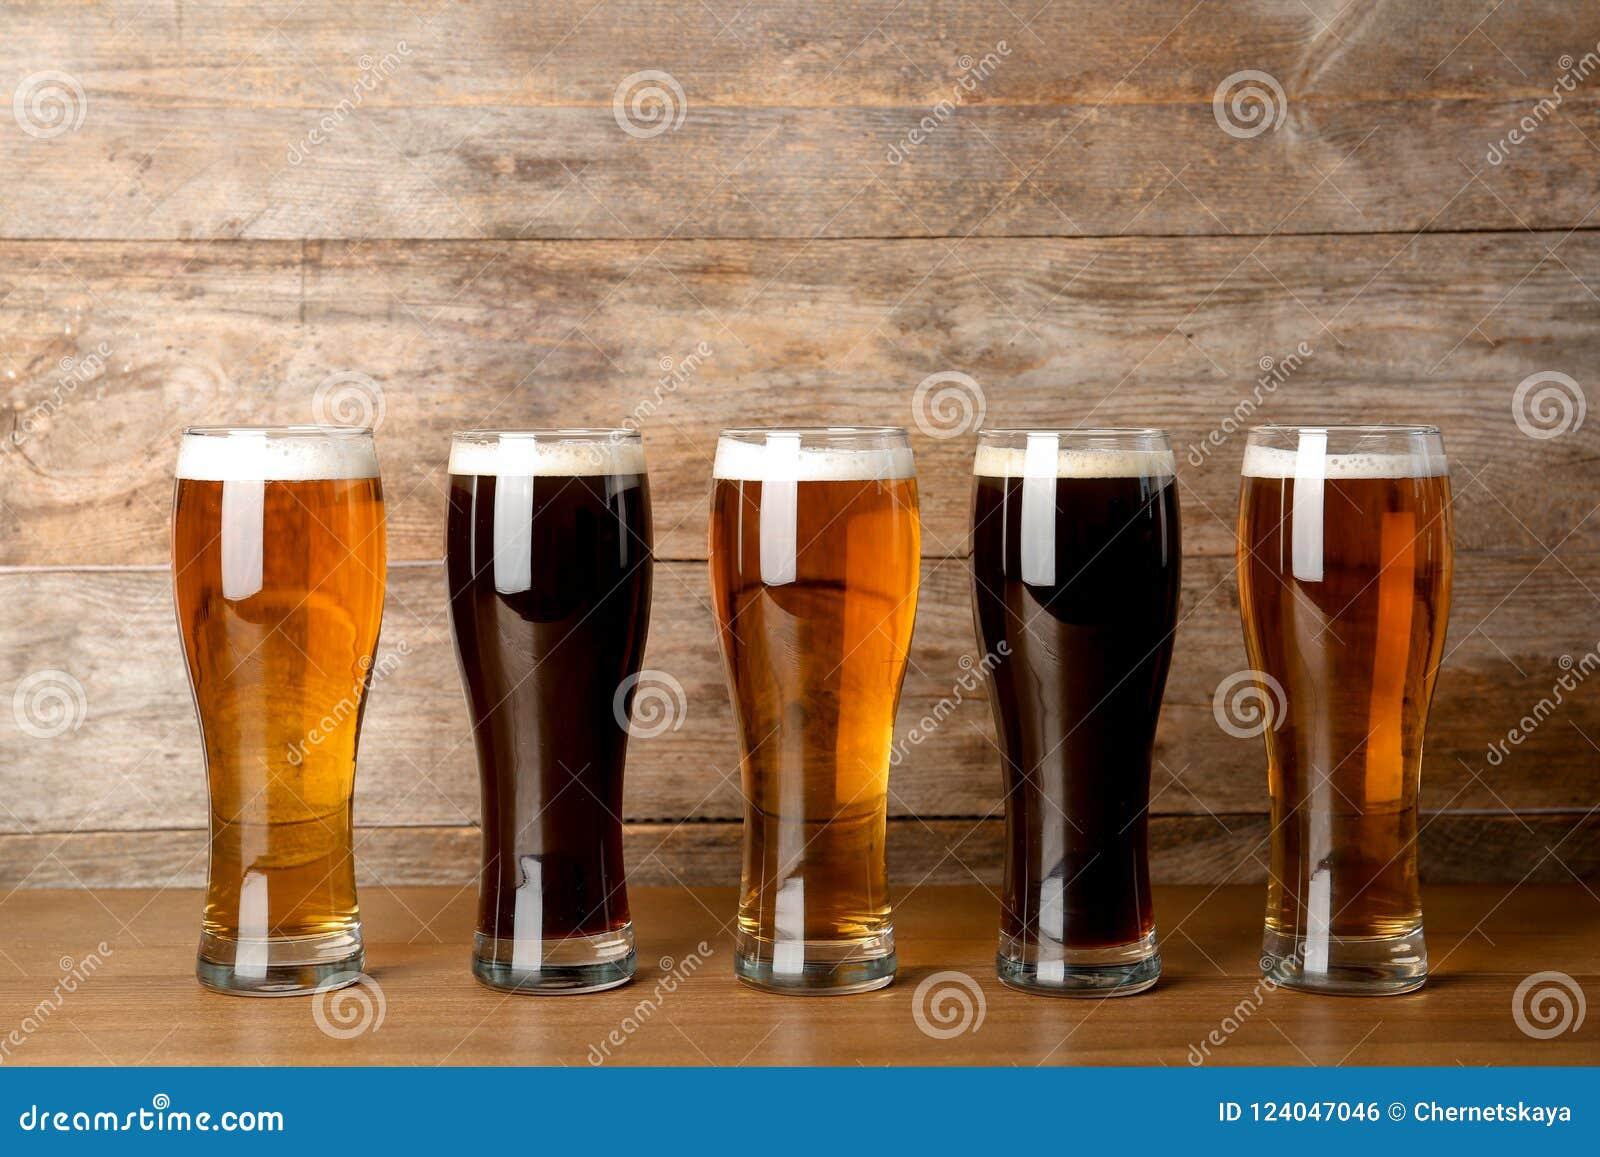 Стекла с пивом на таблице